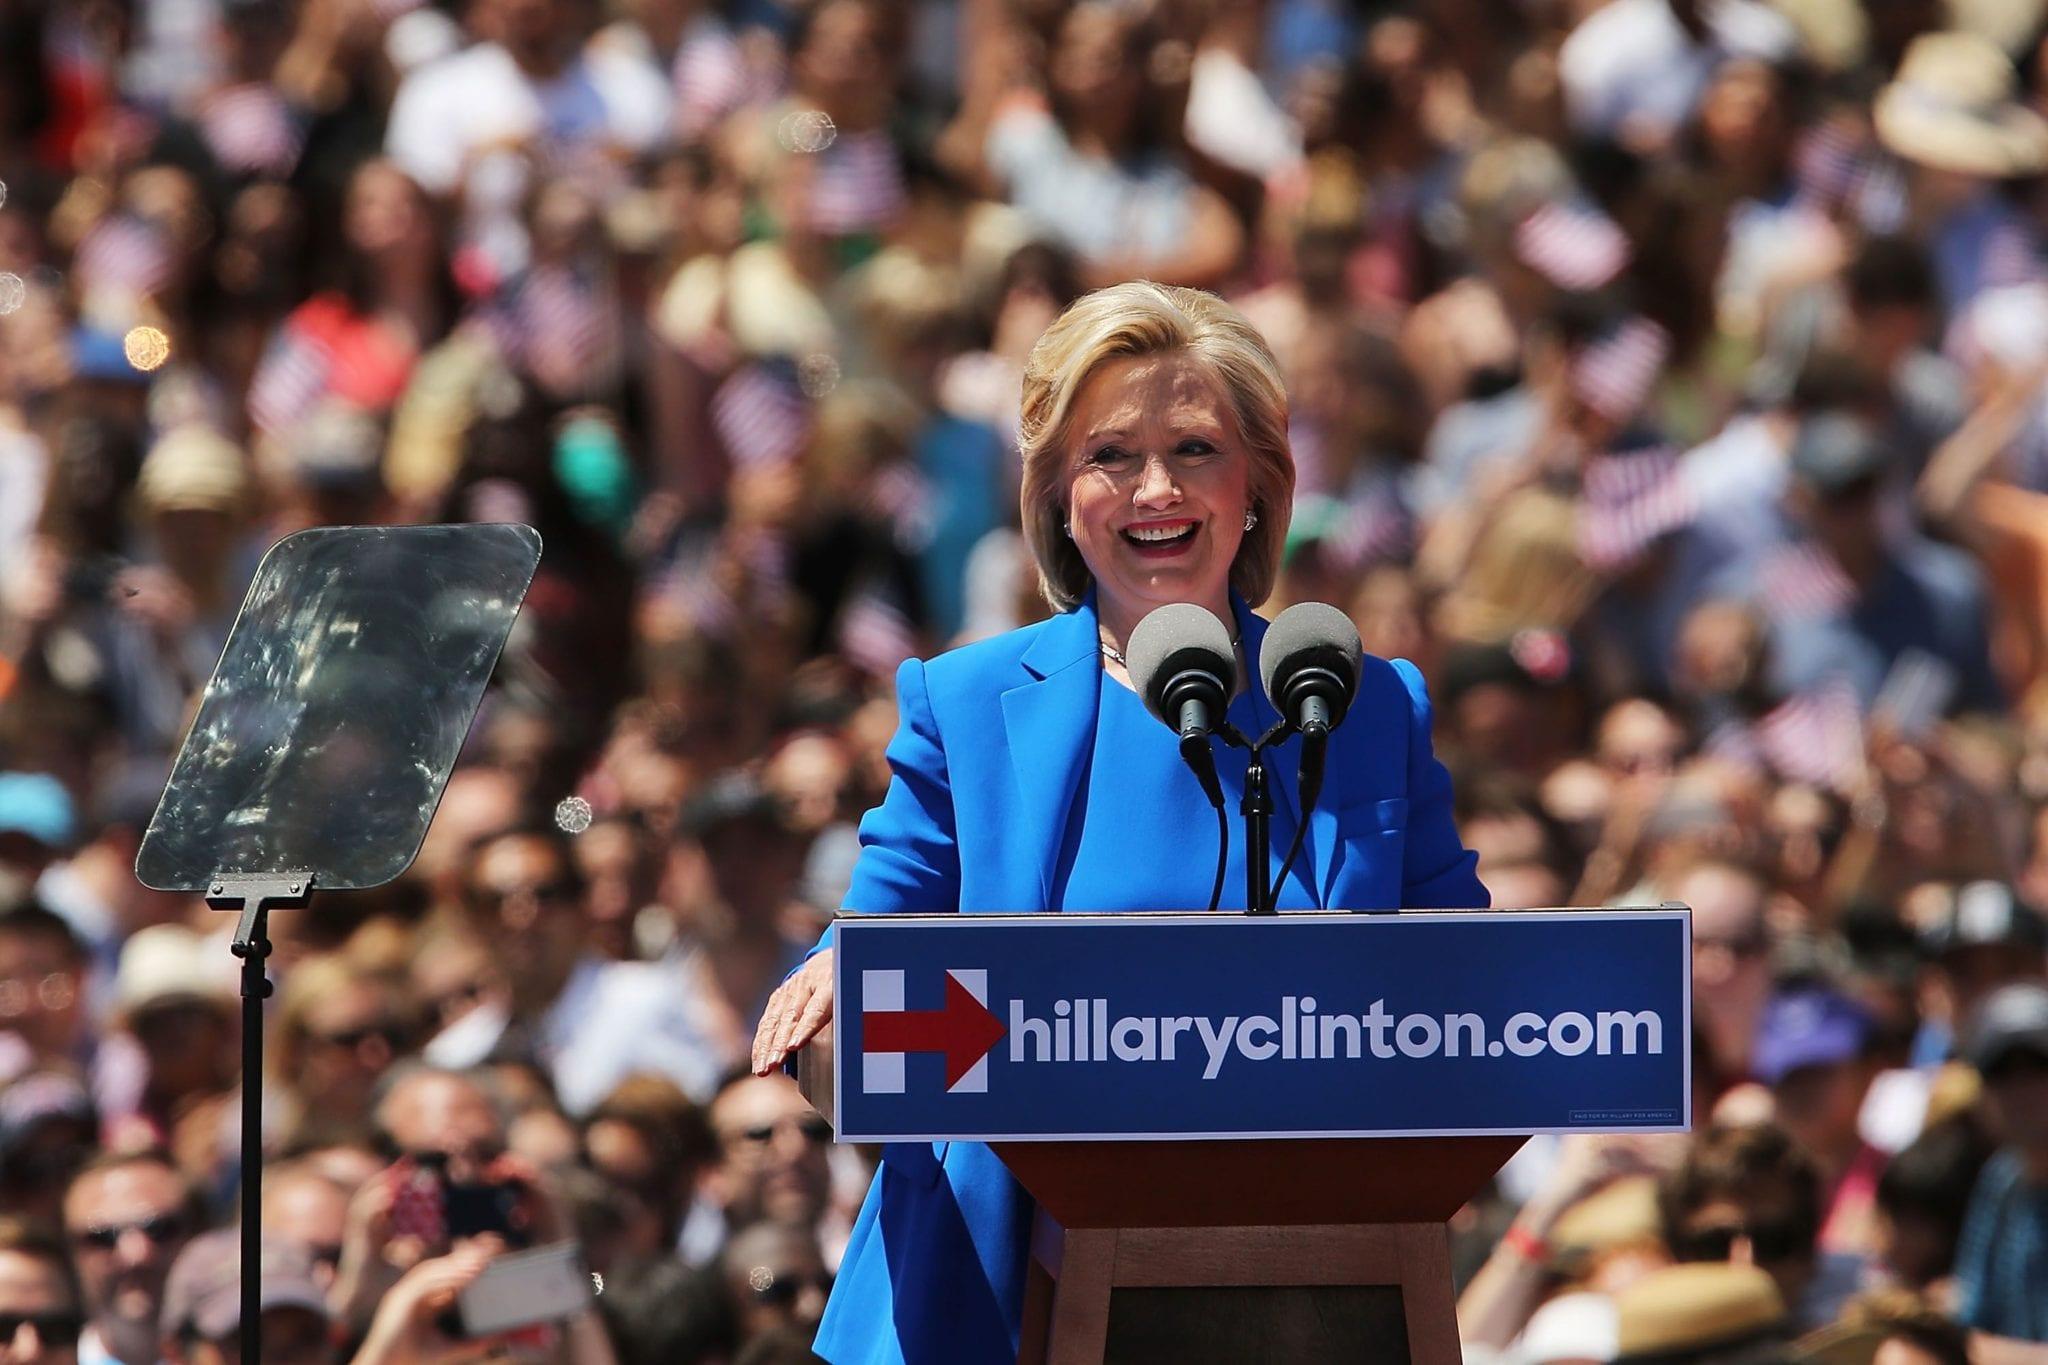 Les 4 stratégies d'Hillary Clinton pour devenir la prochaine Présidente des États-Unis !